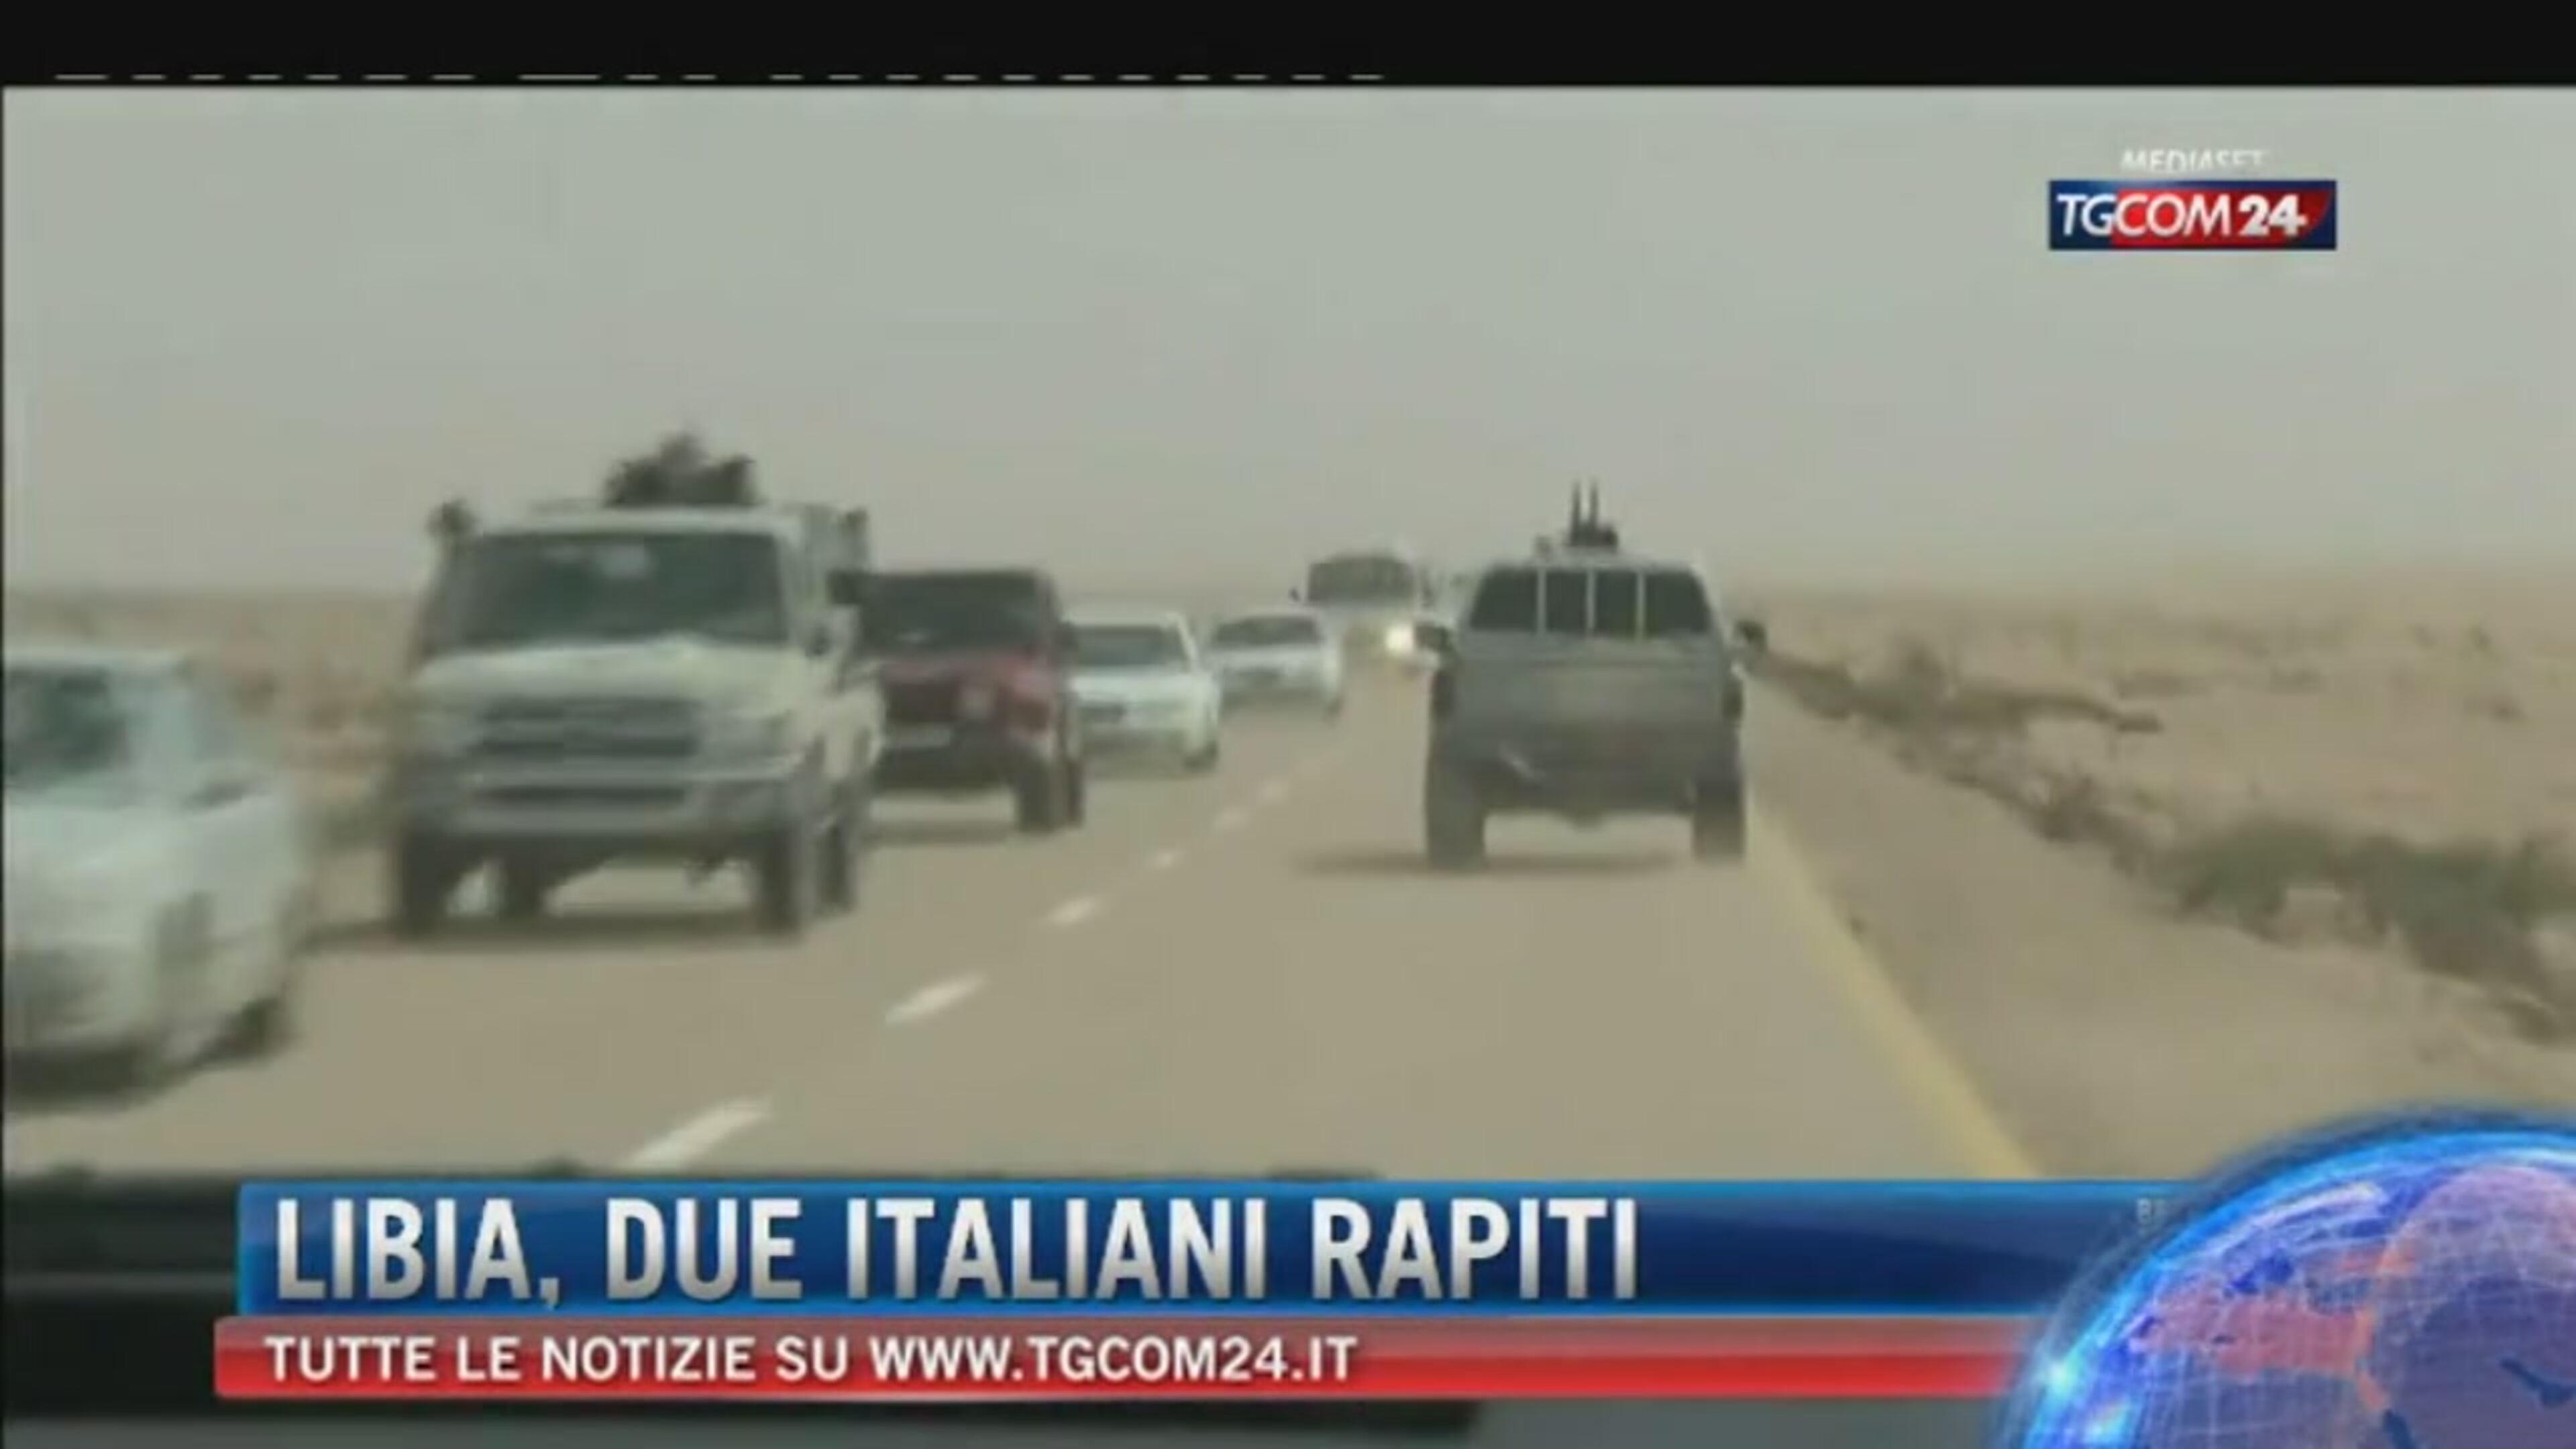 Farnesina, rapiti due italiani in Libia a Ghat